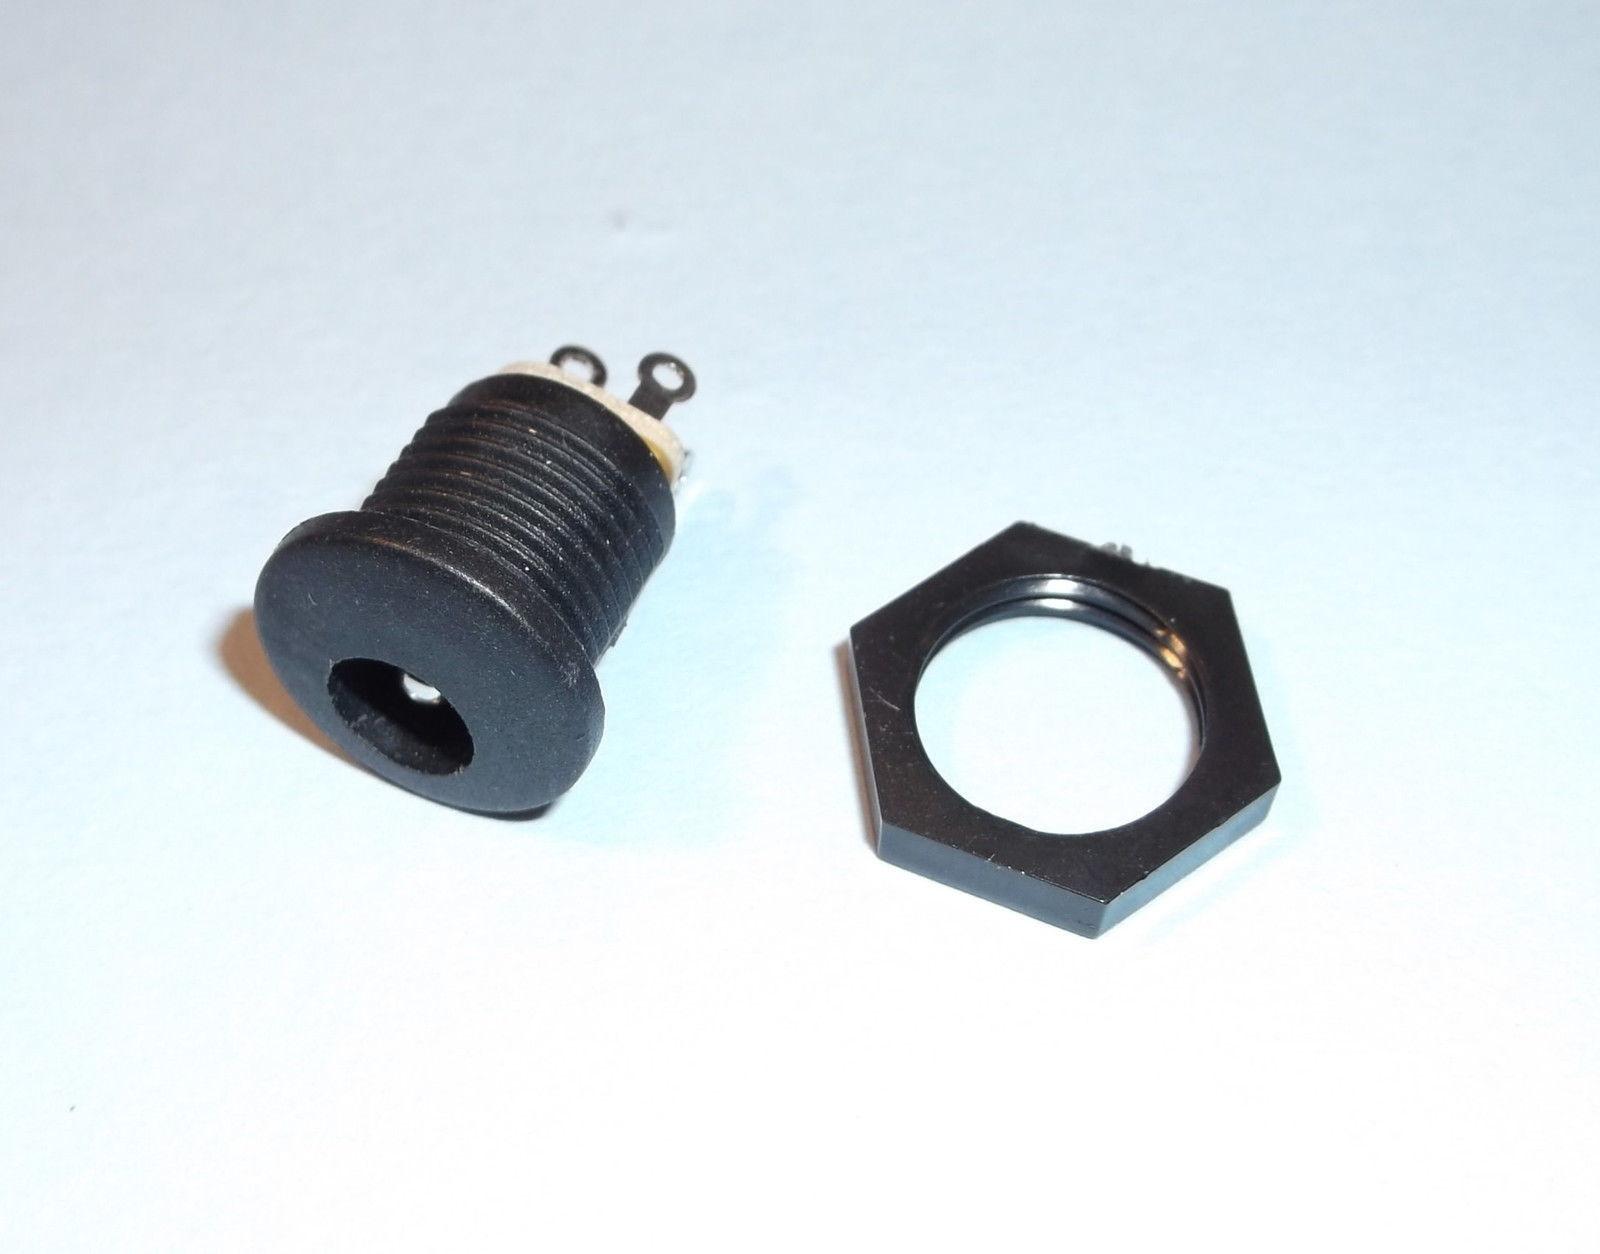 2.5mm x 5.5mm Klinkenstecker /& Buchse DC Connector Male  /&  Fem 9mm